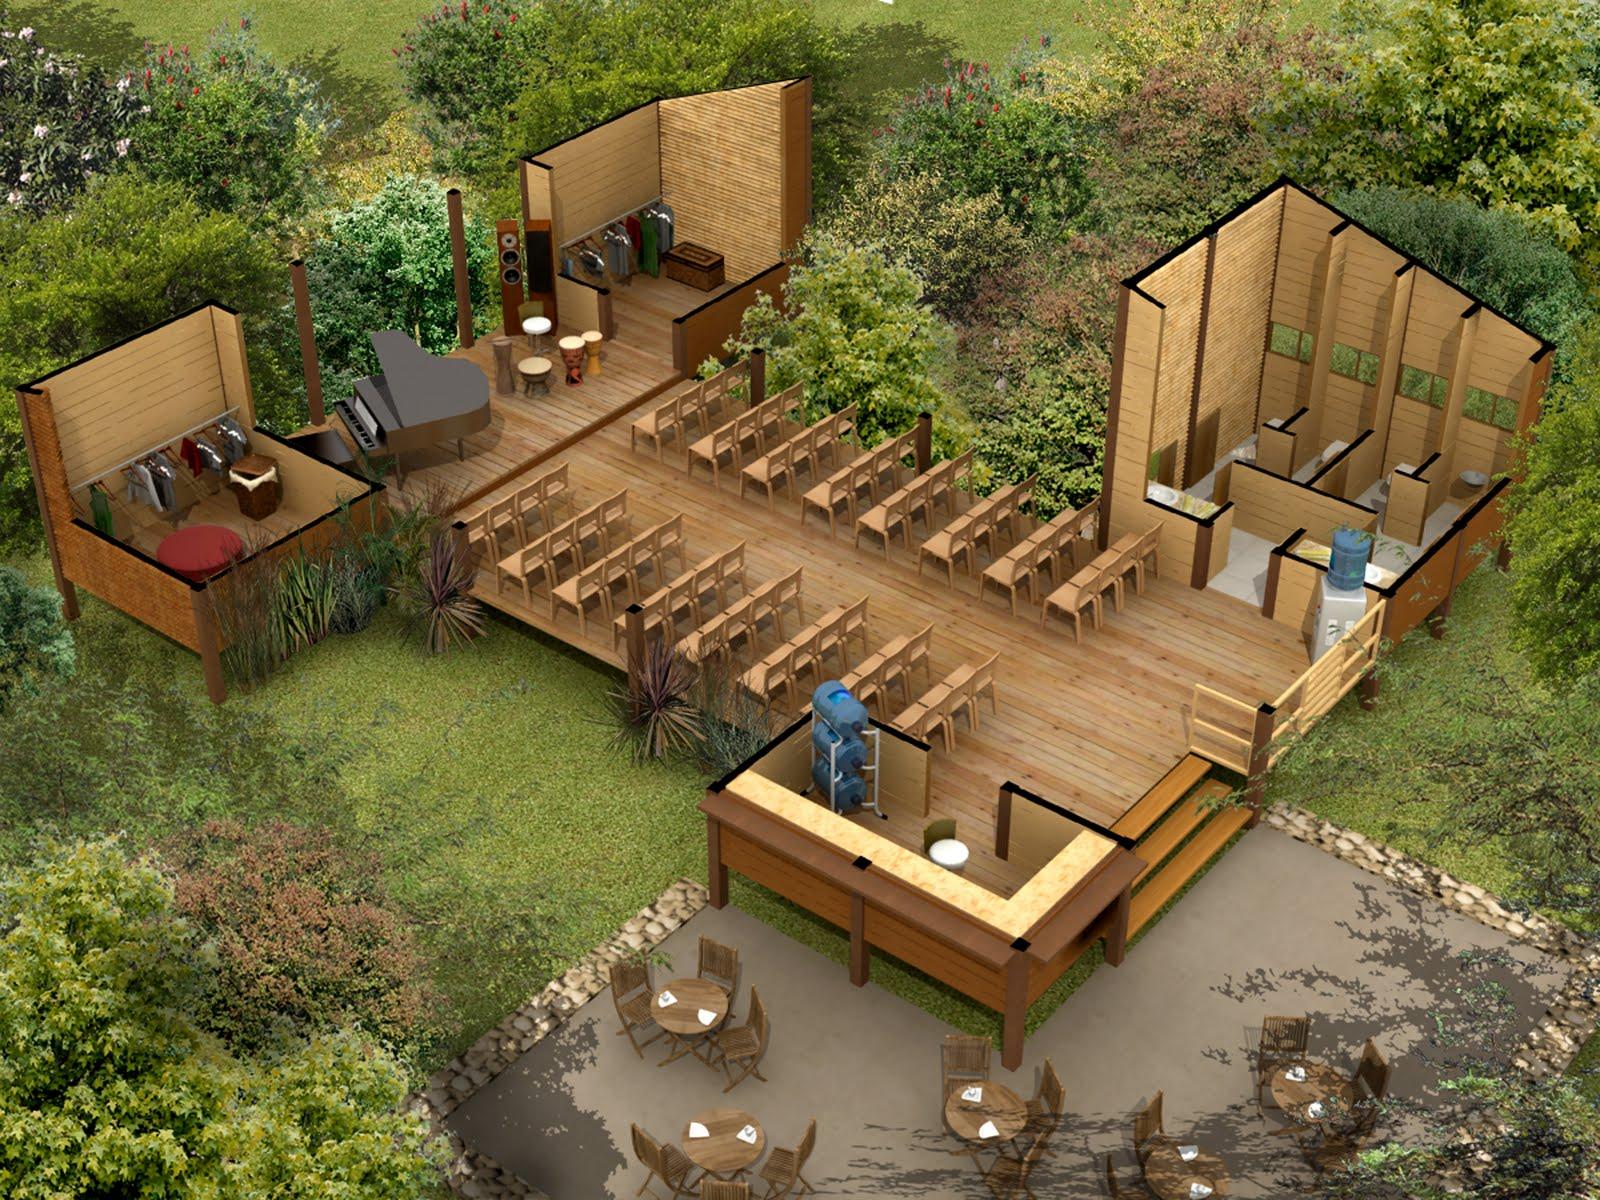 Arquitectura verde arquitectura bioclim tica dise o - Arquitectura bioclimatica ejemplos ...